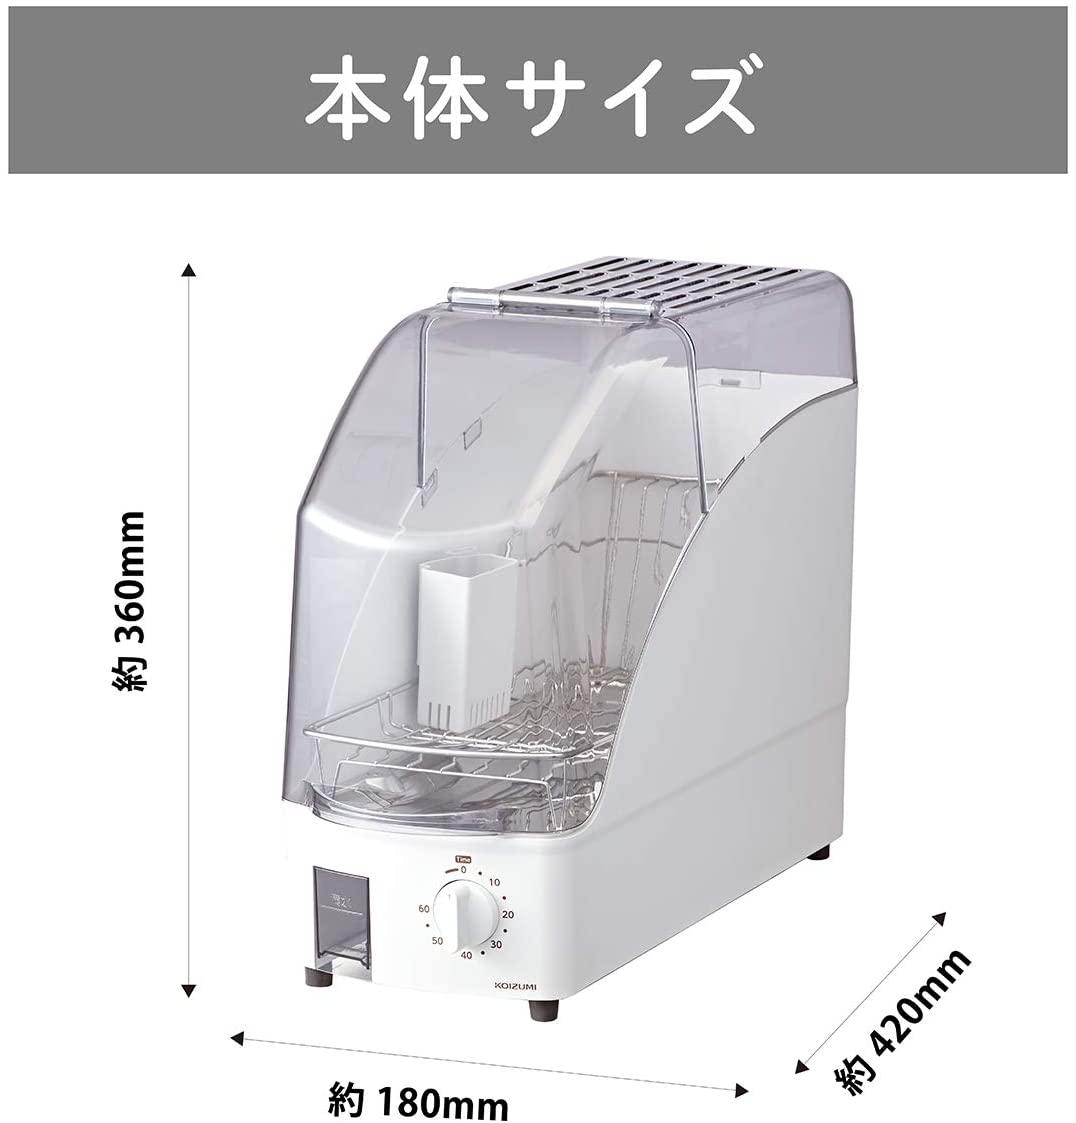 KOIZUMI(コイズミ) 食器乾燥器 KDE-0500の商品画像10